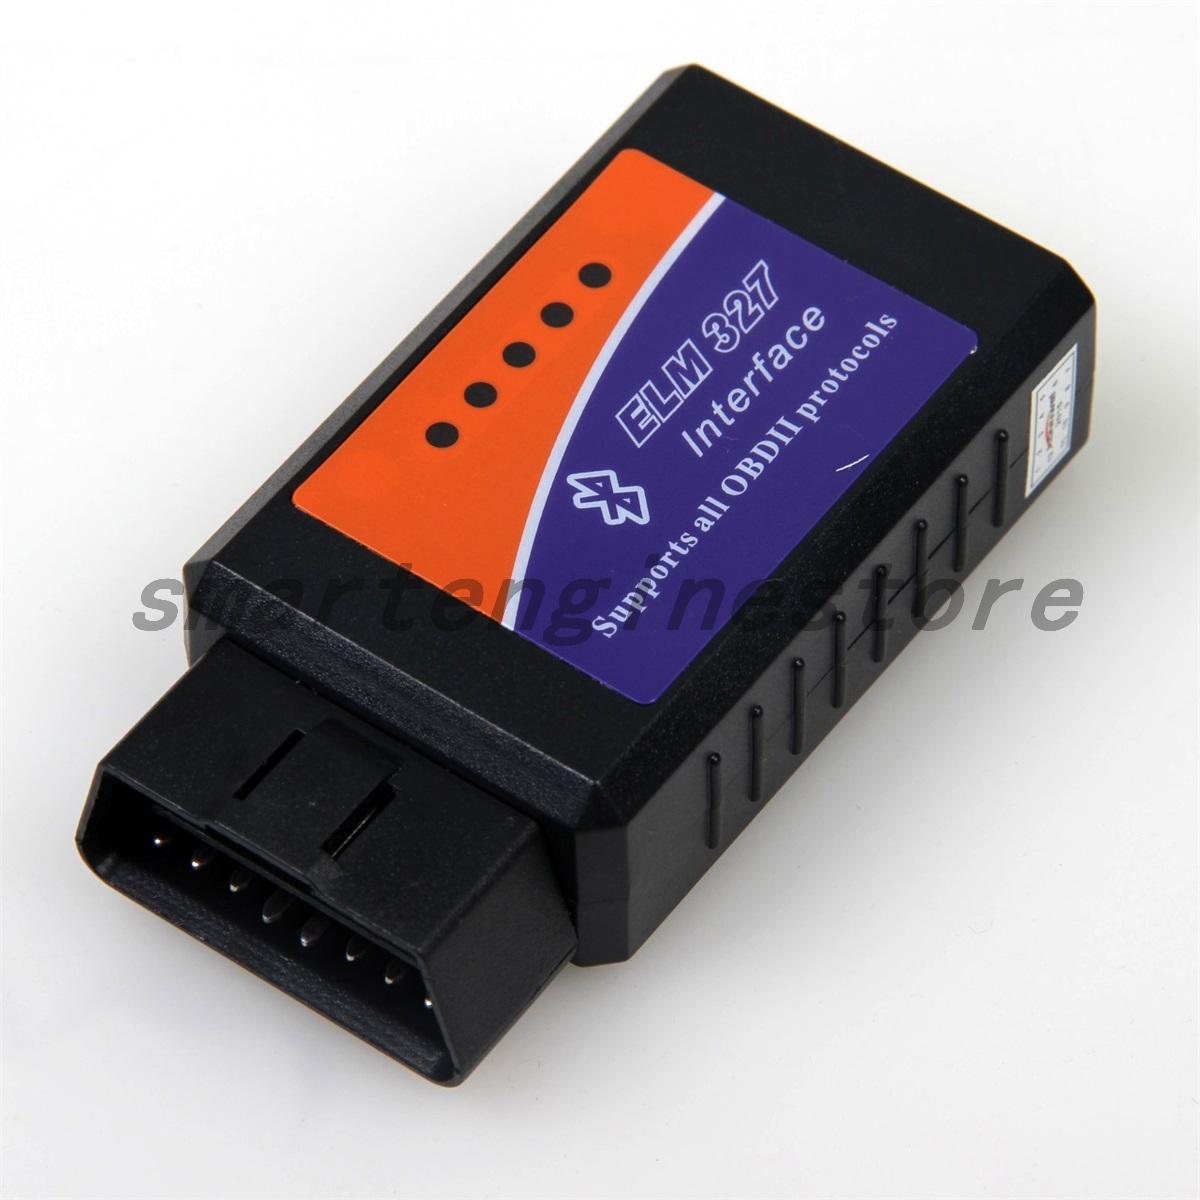 elm327 bluetooth obd2 obdii interface diagnostic scanner. Black Bedroom Furniture Sets. Home Design Ideas